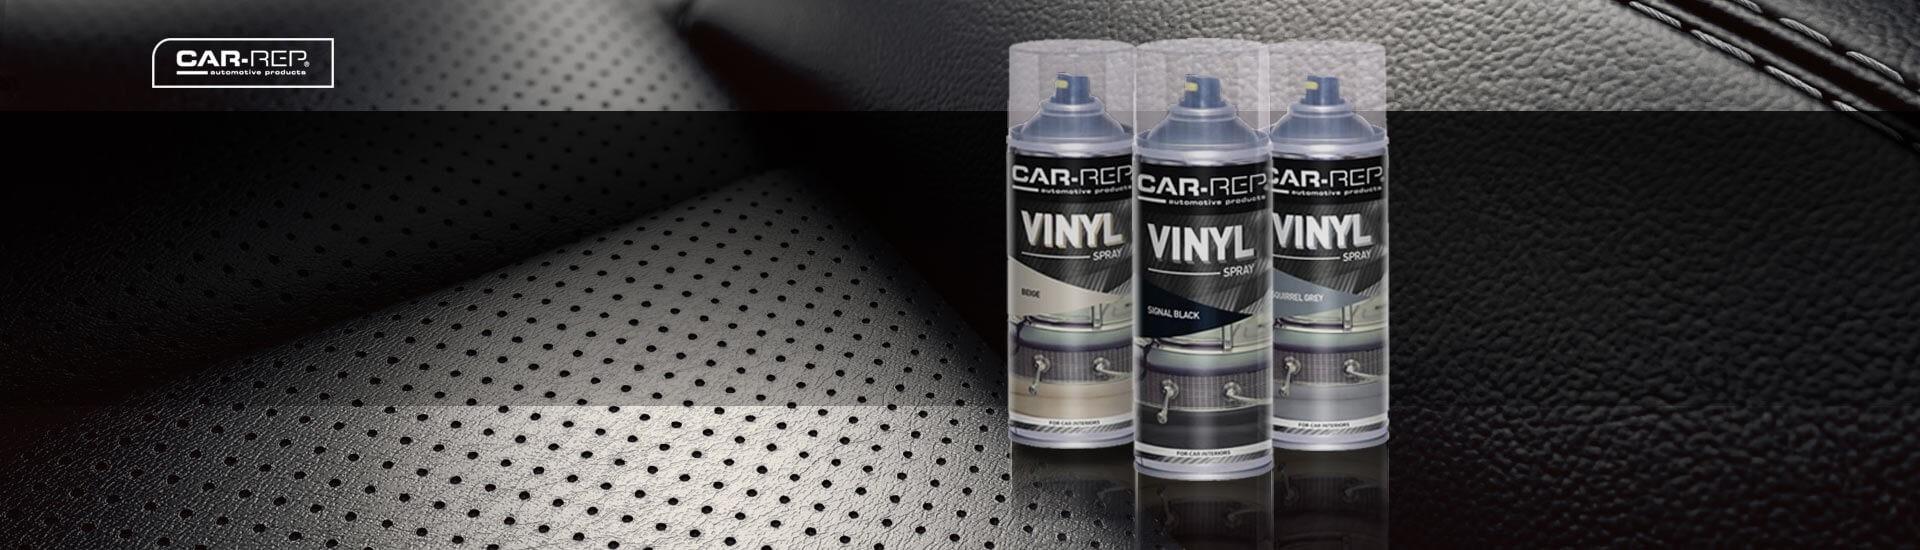 Vinyl Spray Festékek